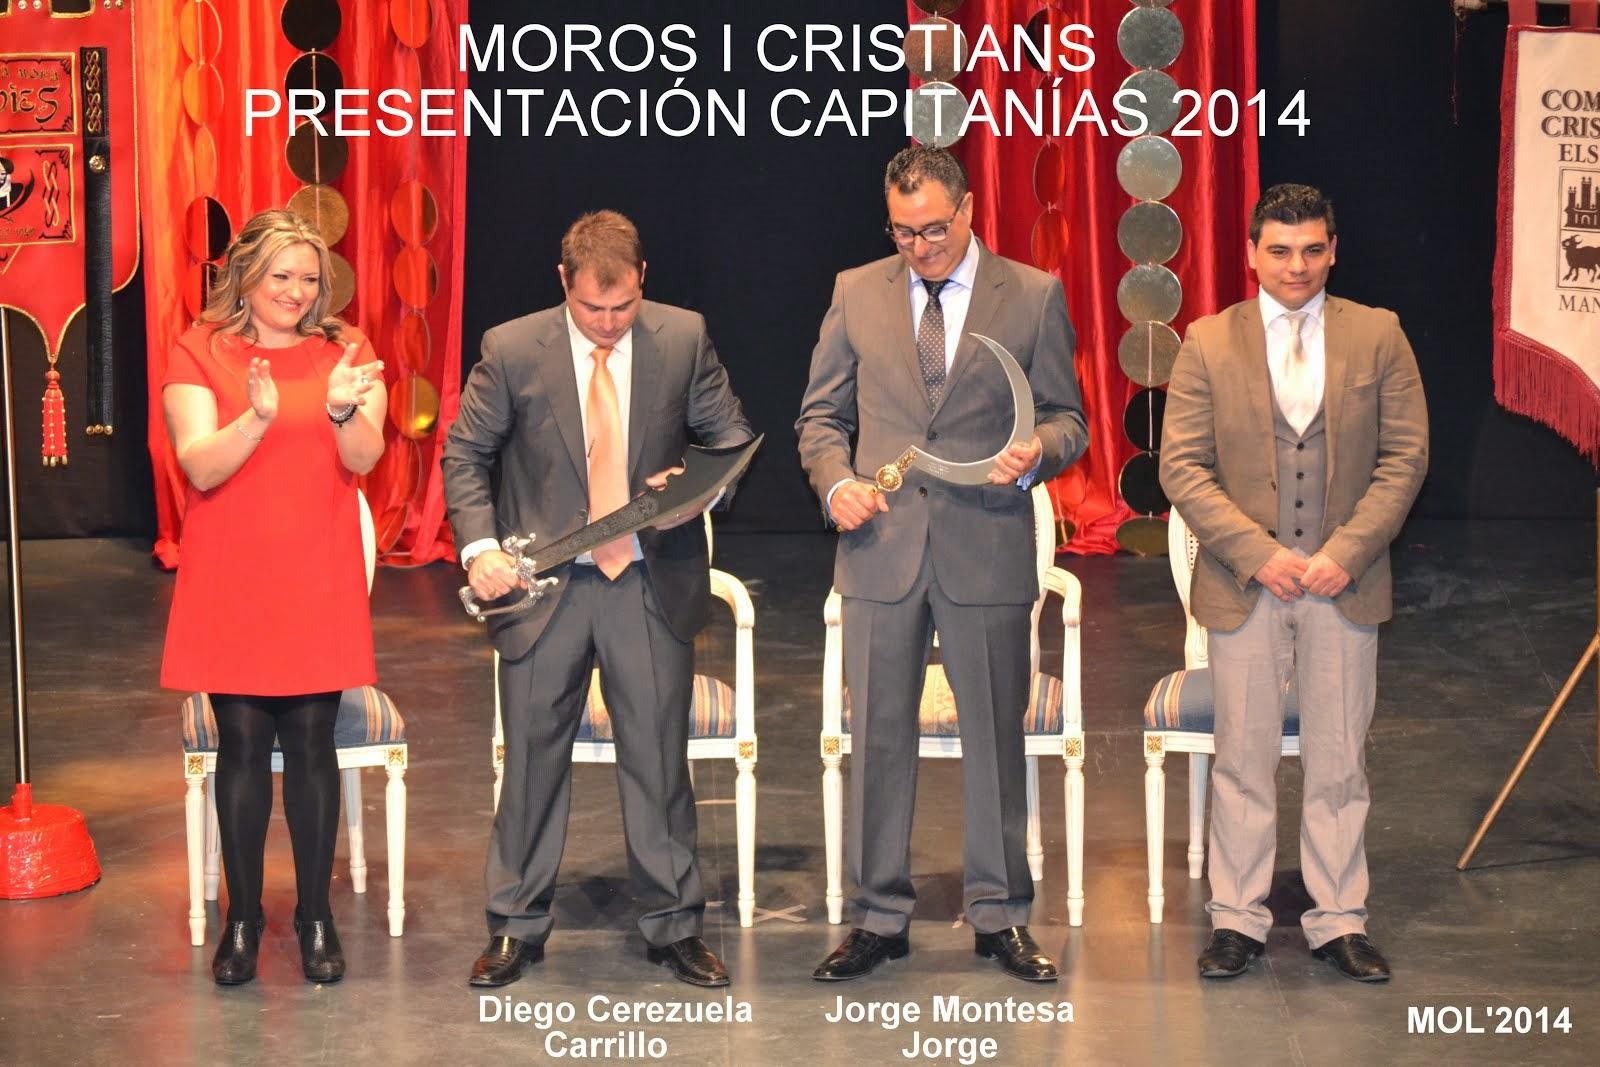 ACTO DE PRESENTACIÓN DE LA CAPITANÍA MORA Y CRISTIANA PARA ESTE AÑO 2014